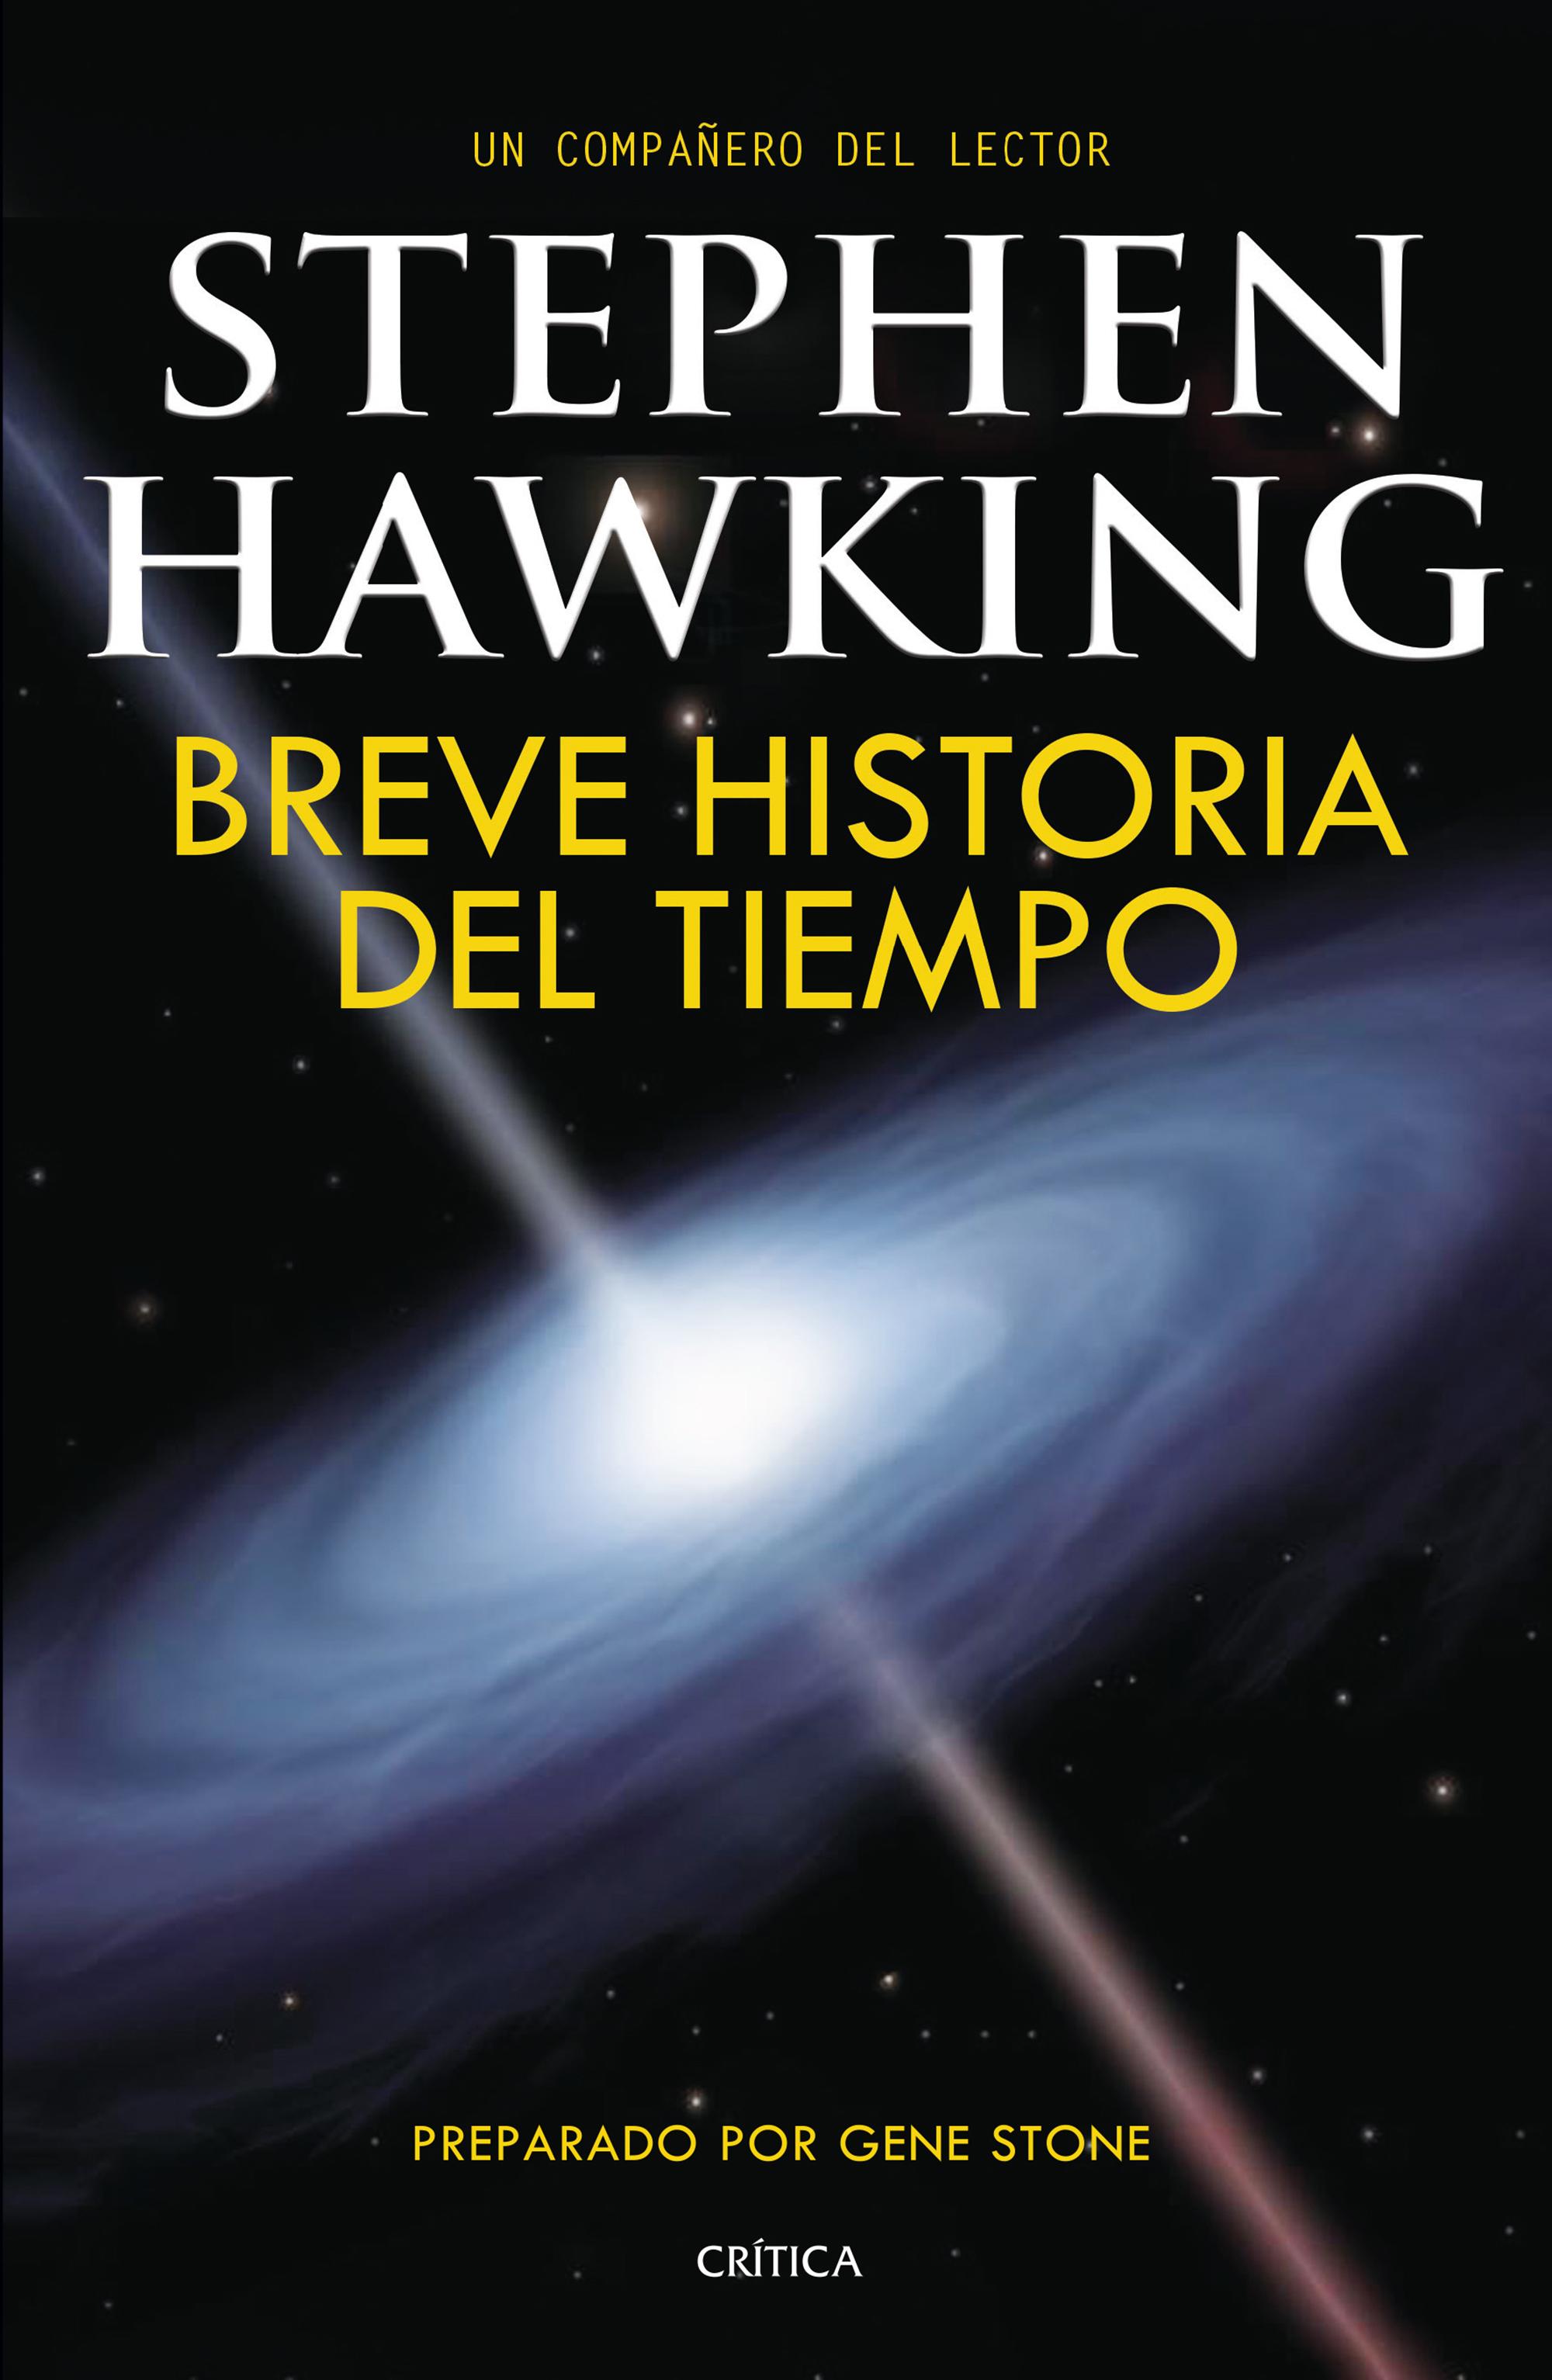 Breve historia del tiempo de hawking